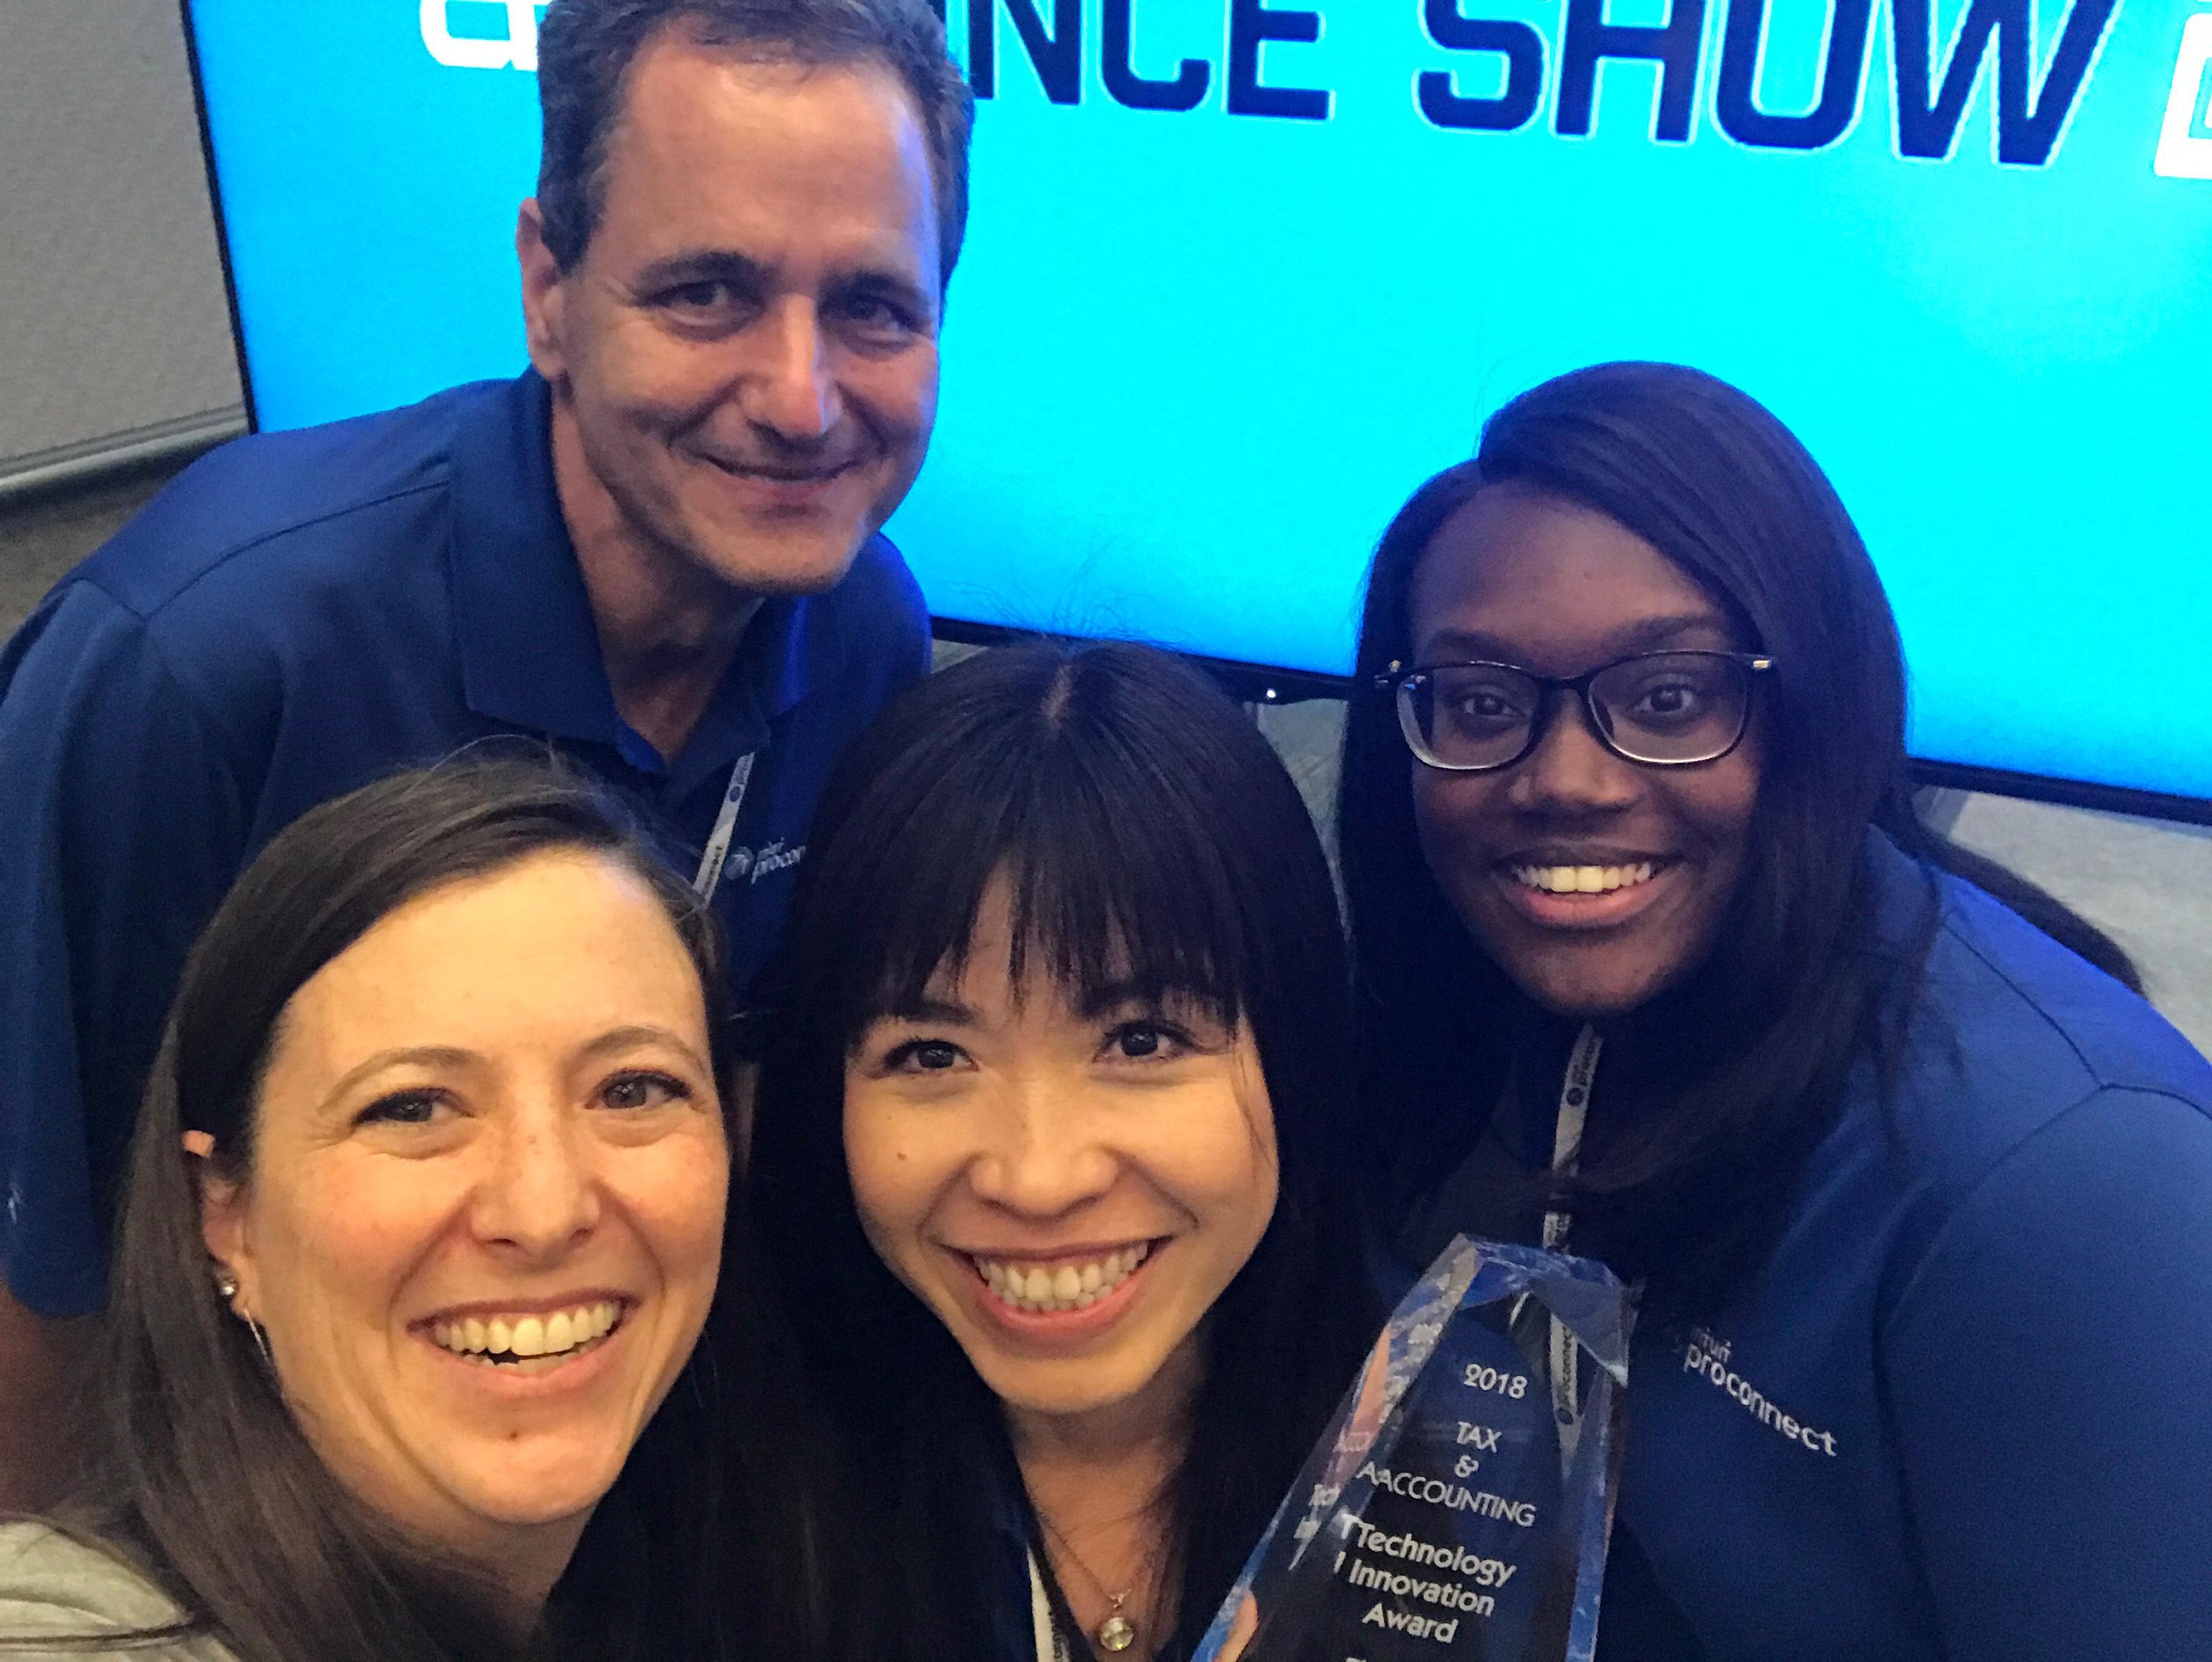 CPA Practice Advisor Award